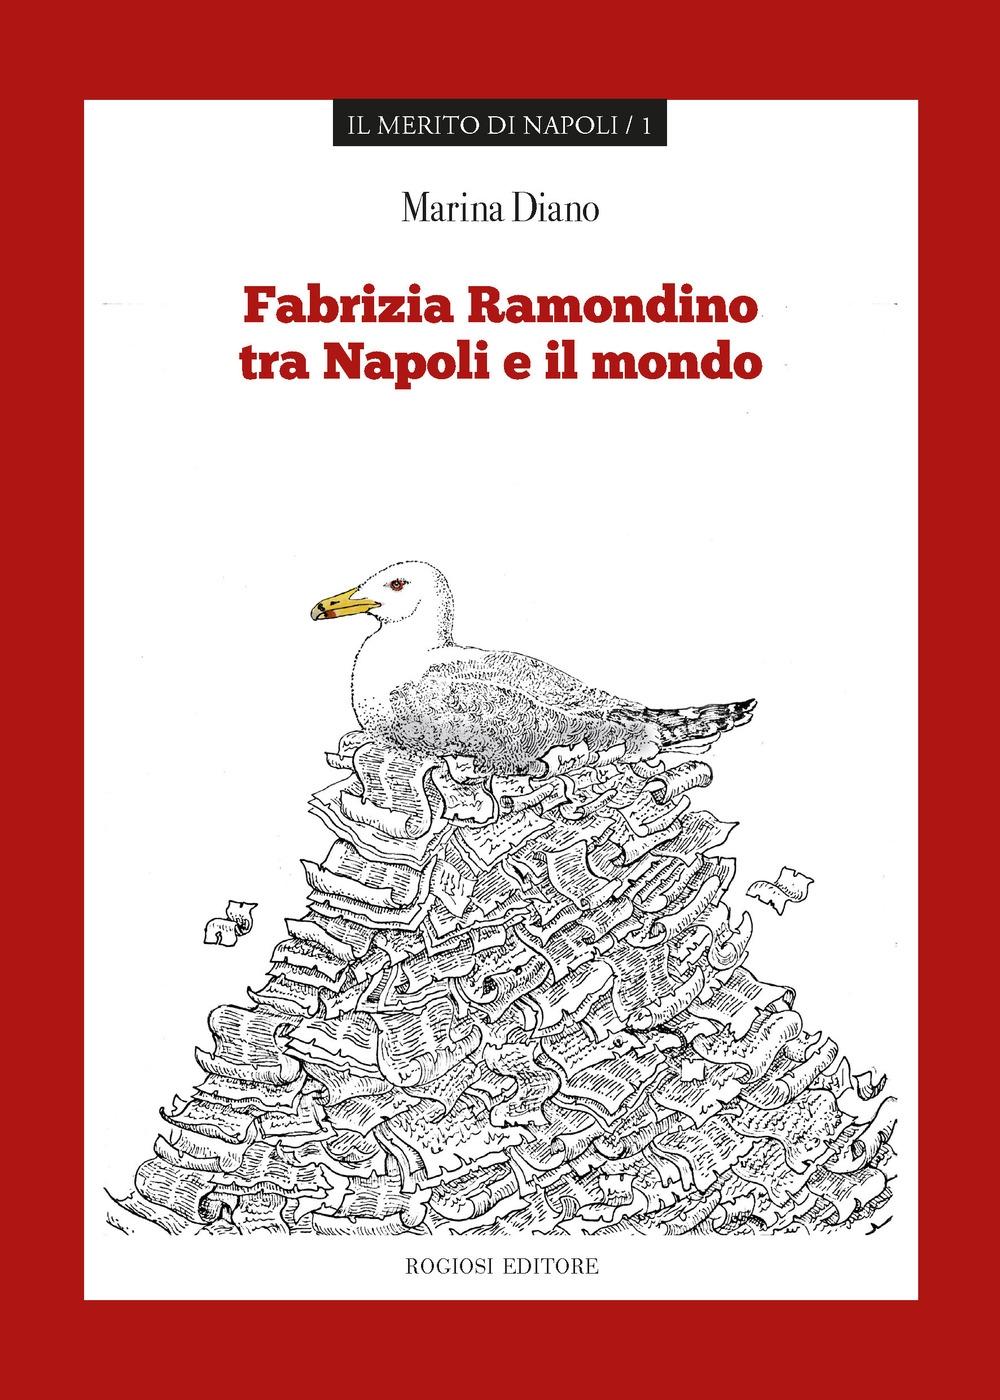 Fabrizia Ramondino tra Napoli e il mondo